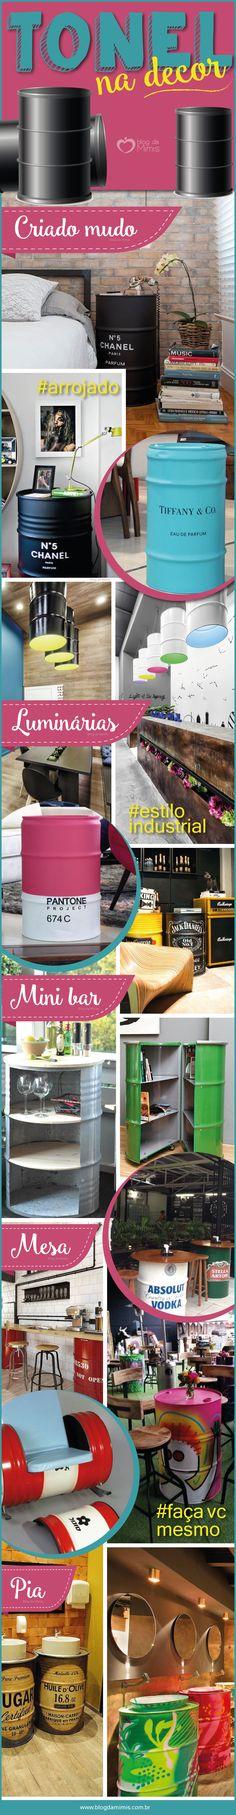 Maneiras criativas de usar tonel na decoração - Blog da Mimis #tonel #decor #barril #home #casa #inspiracion #blogdamimis